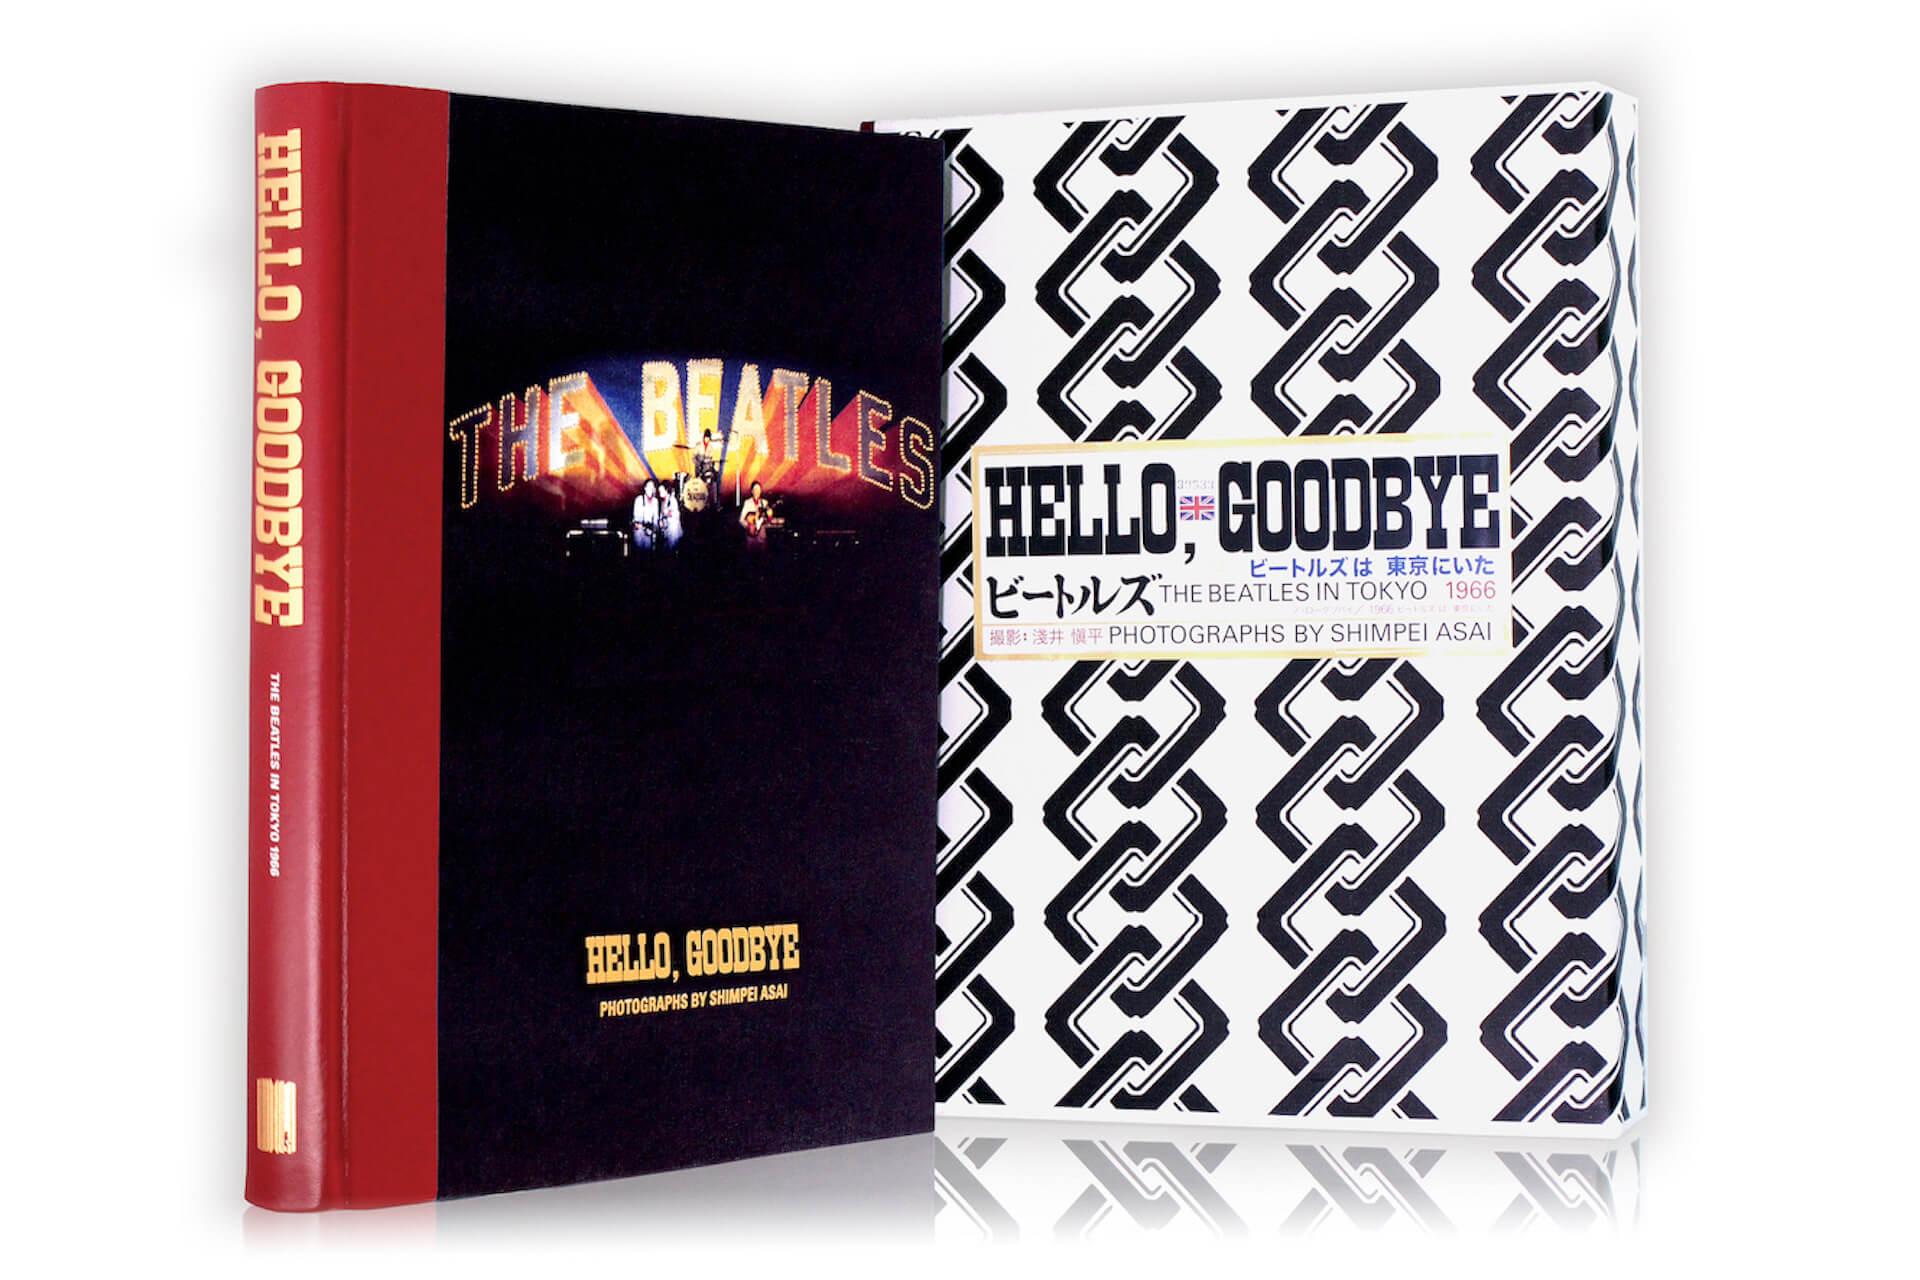 ザ・ビートルズ来日時を克明に記録した浅井慎平の写真集『HELLO,GOODBYE~The Beatles in Tokyo 1966~』が限定蔵出し販売決定! art210608_thebeatles_1